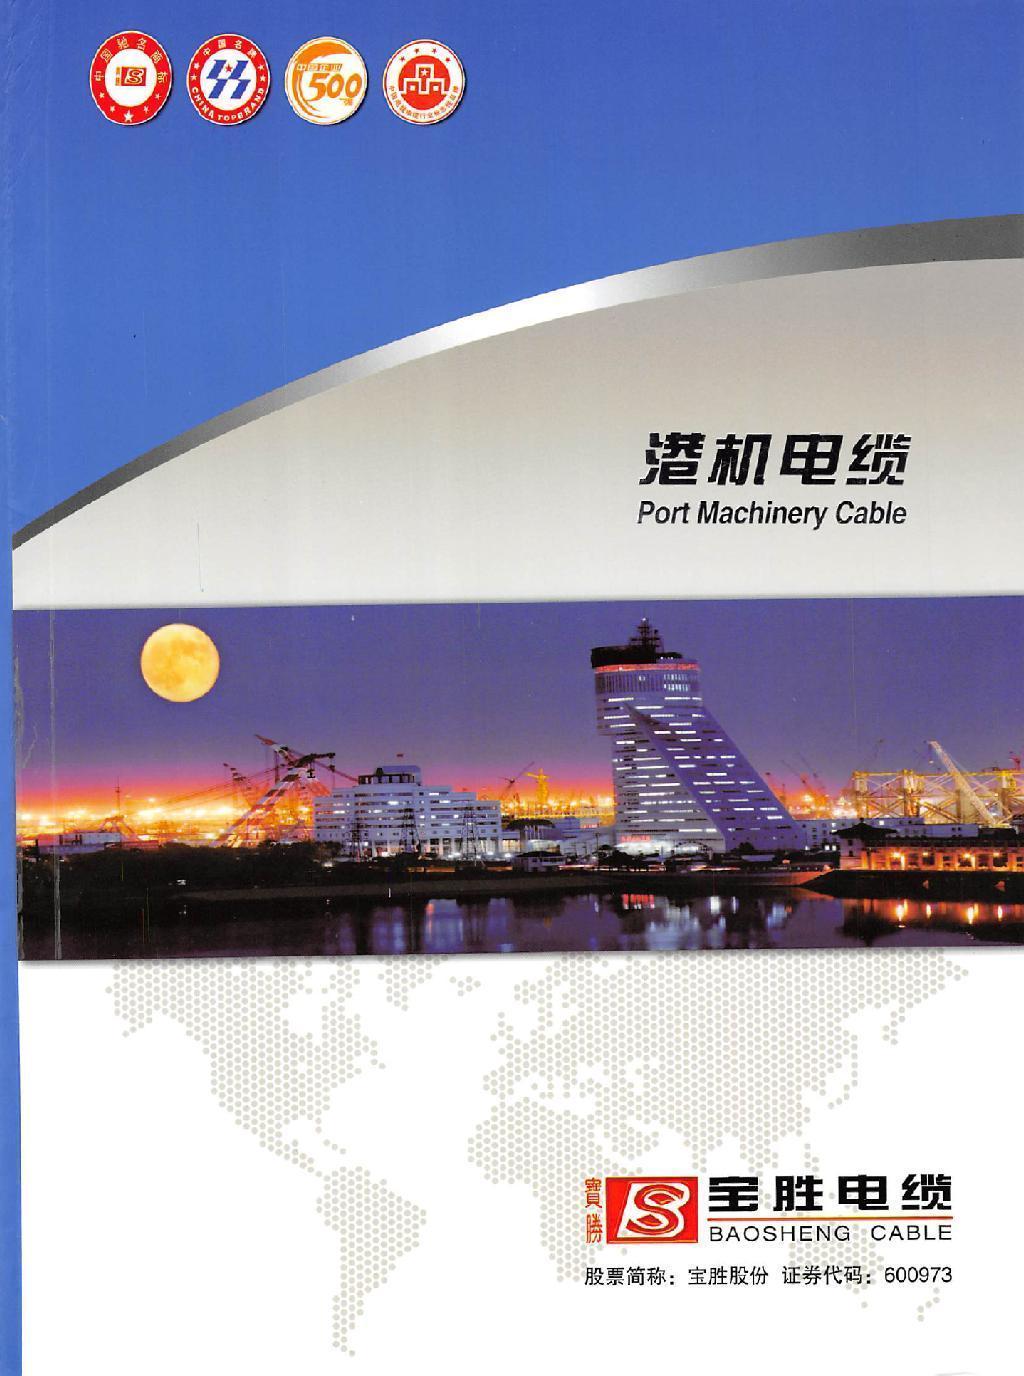 港机电缆宣传画册